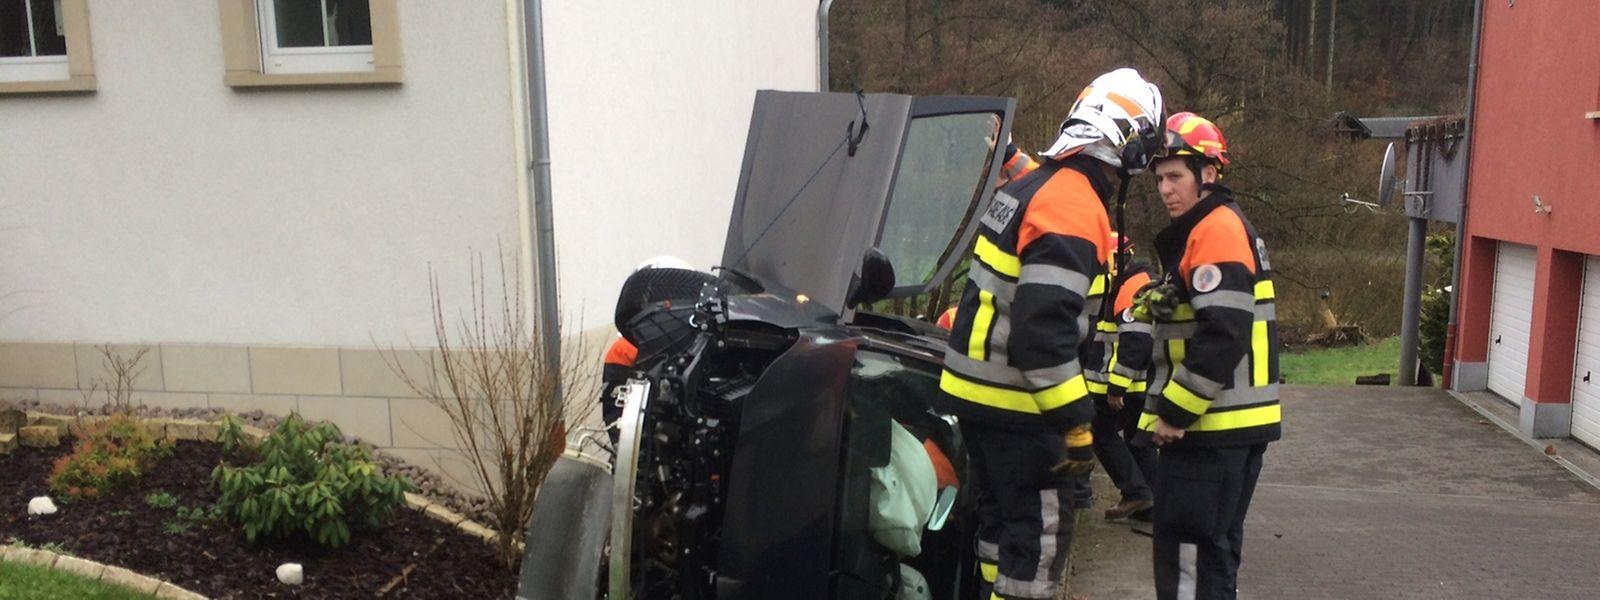 Den Rettungskräften wurde zunächst ein schwerer Unfall gemeldet. Als sie vor Ort ankamen, stellten sie erleichtert fest, dass sich der Fahrer nur leicht verletzt hatte.